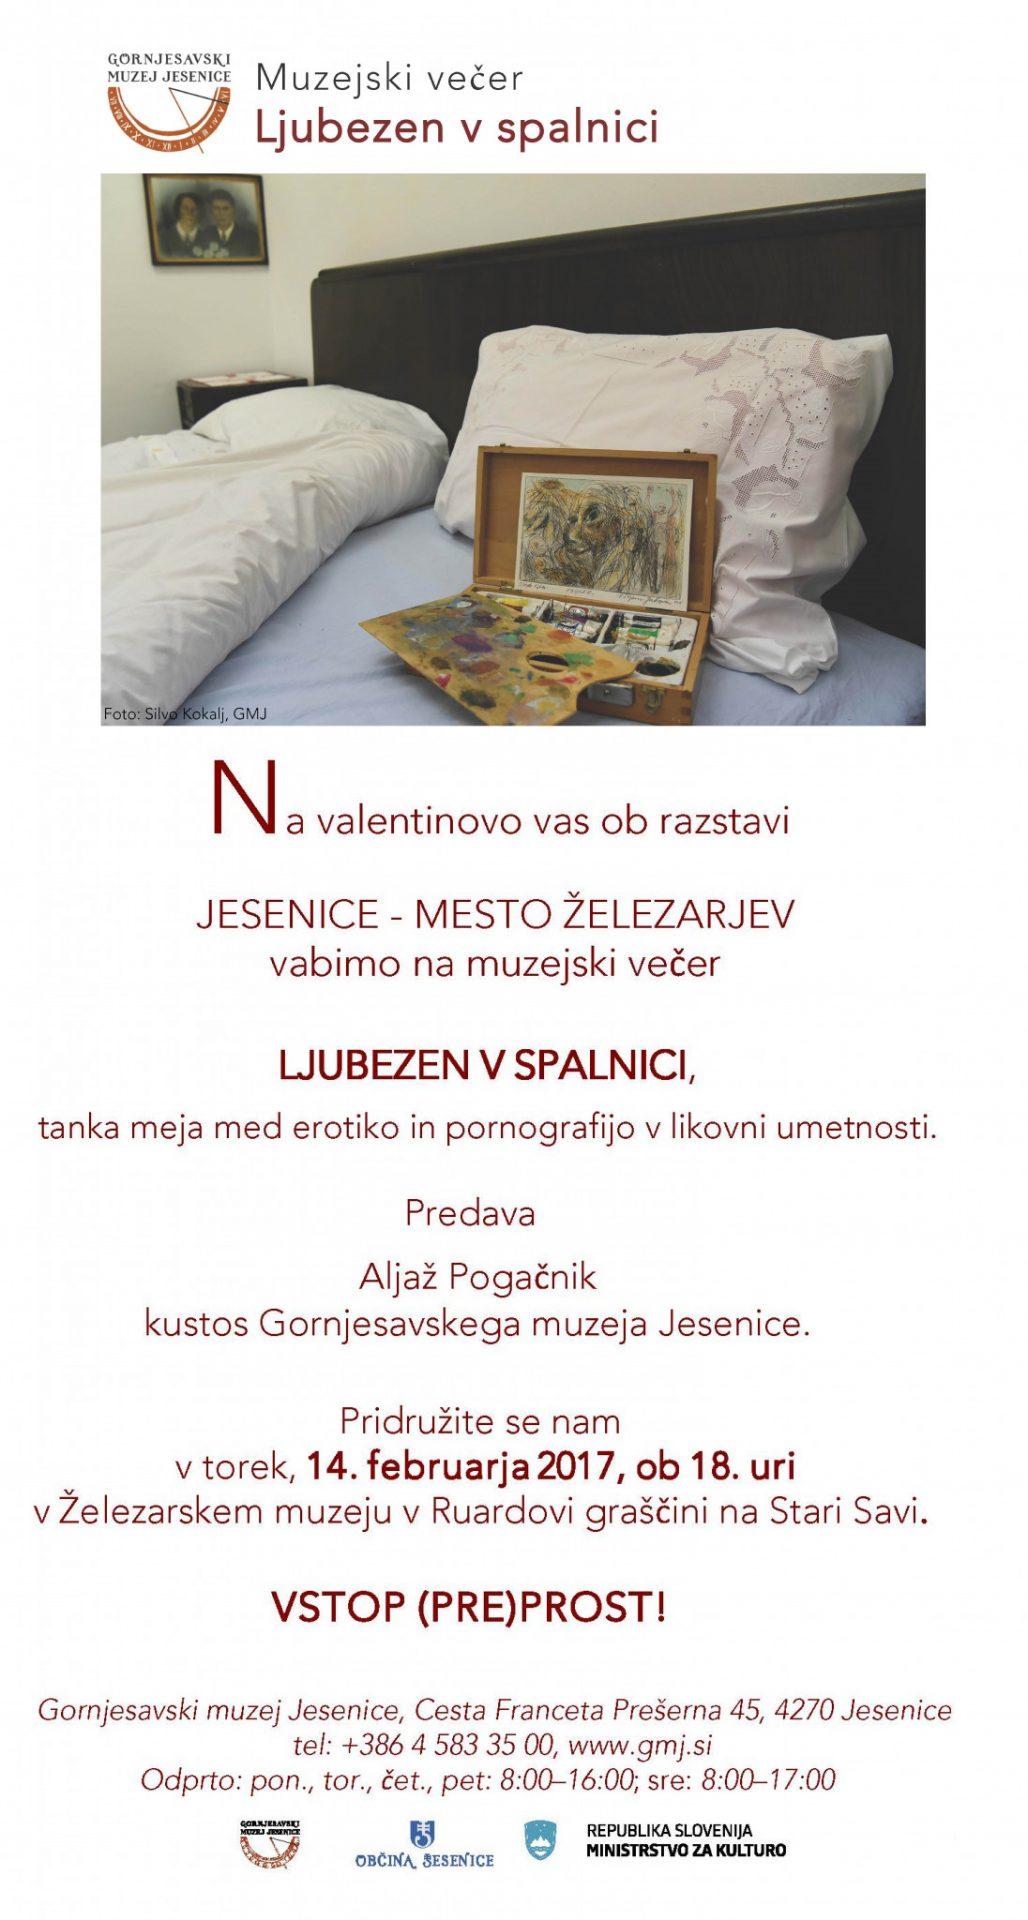 Ljubezen v spalnici, e- Vabilo